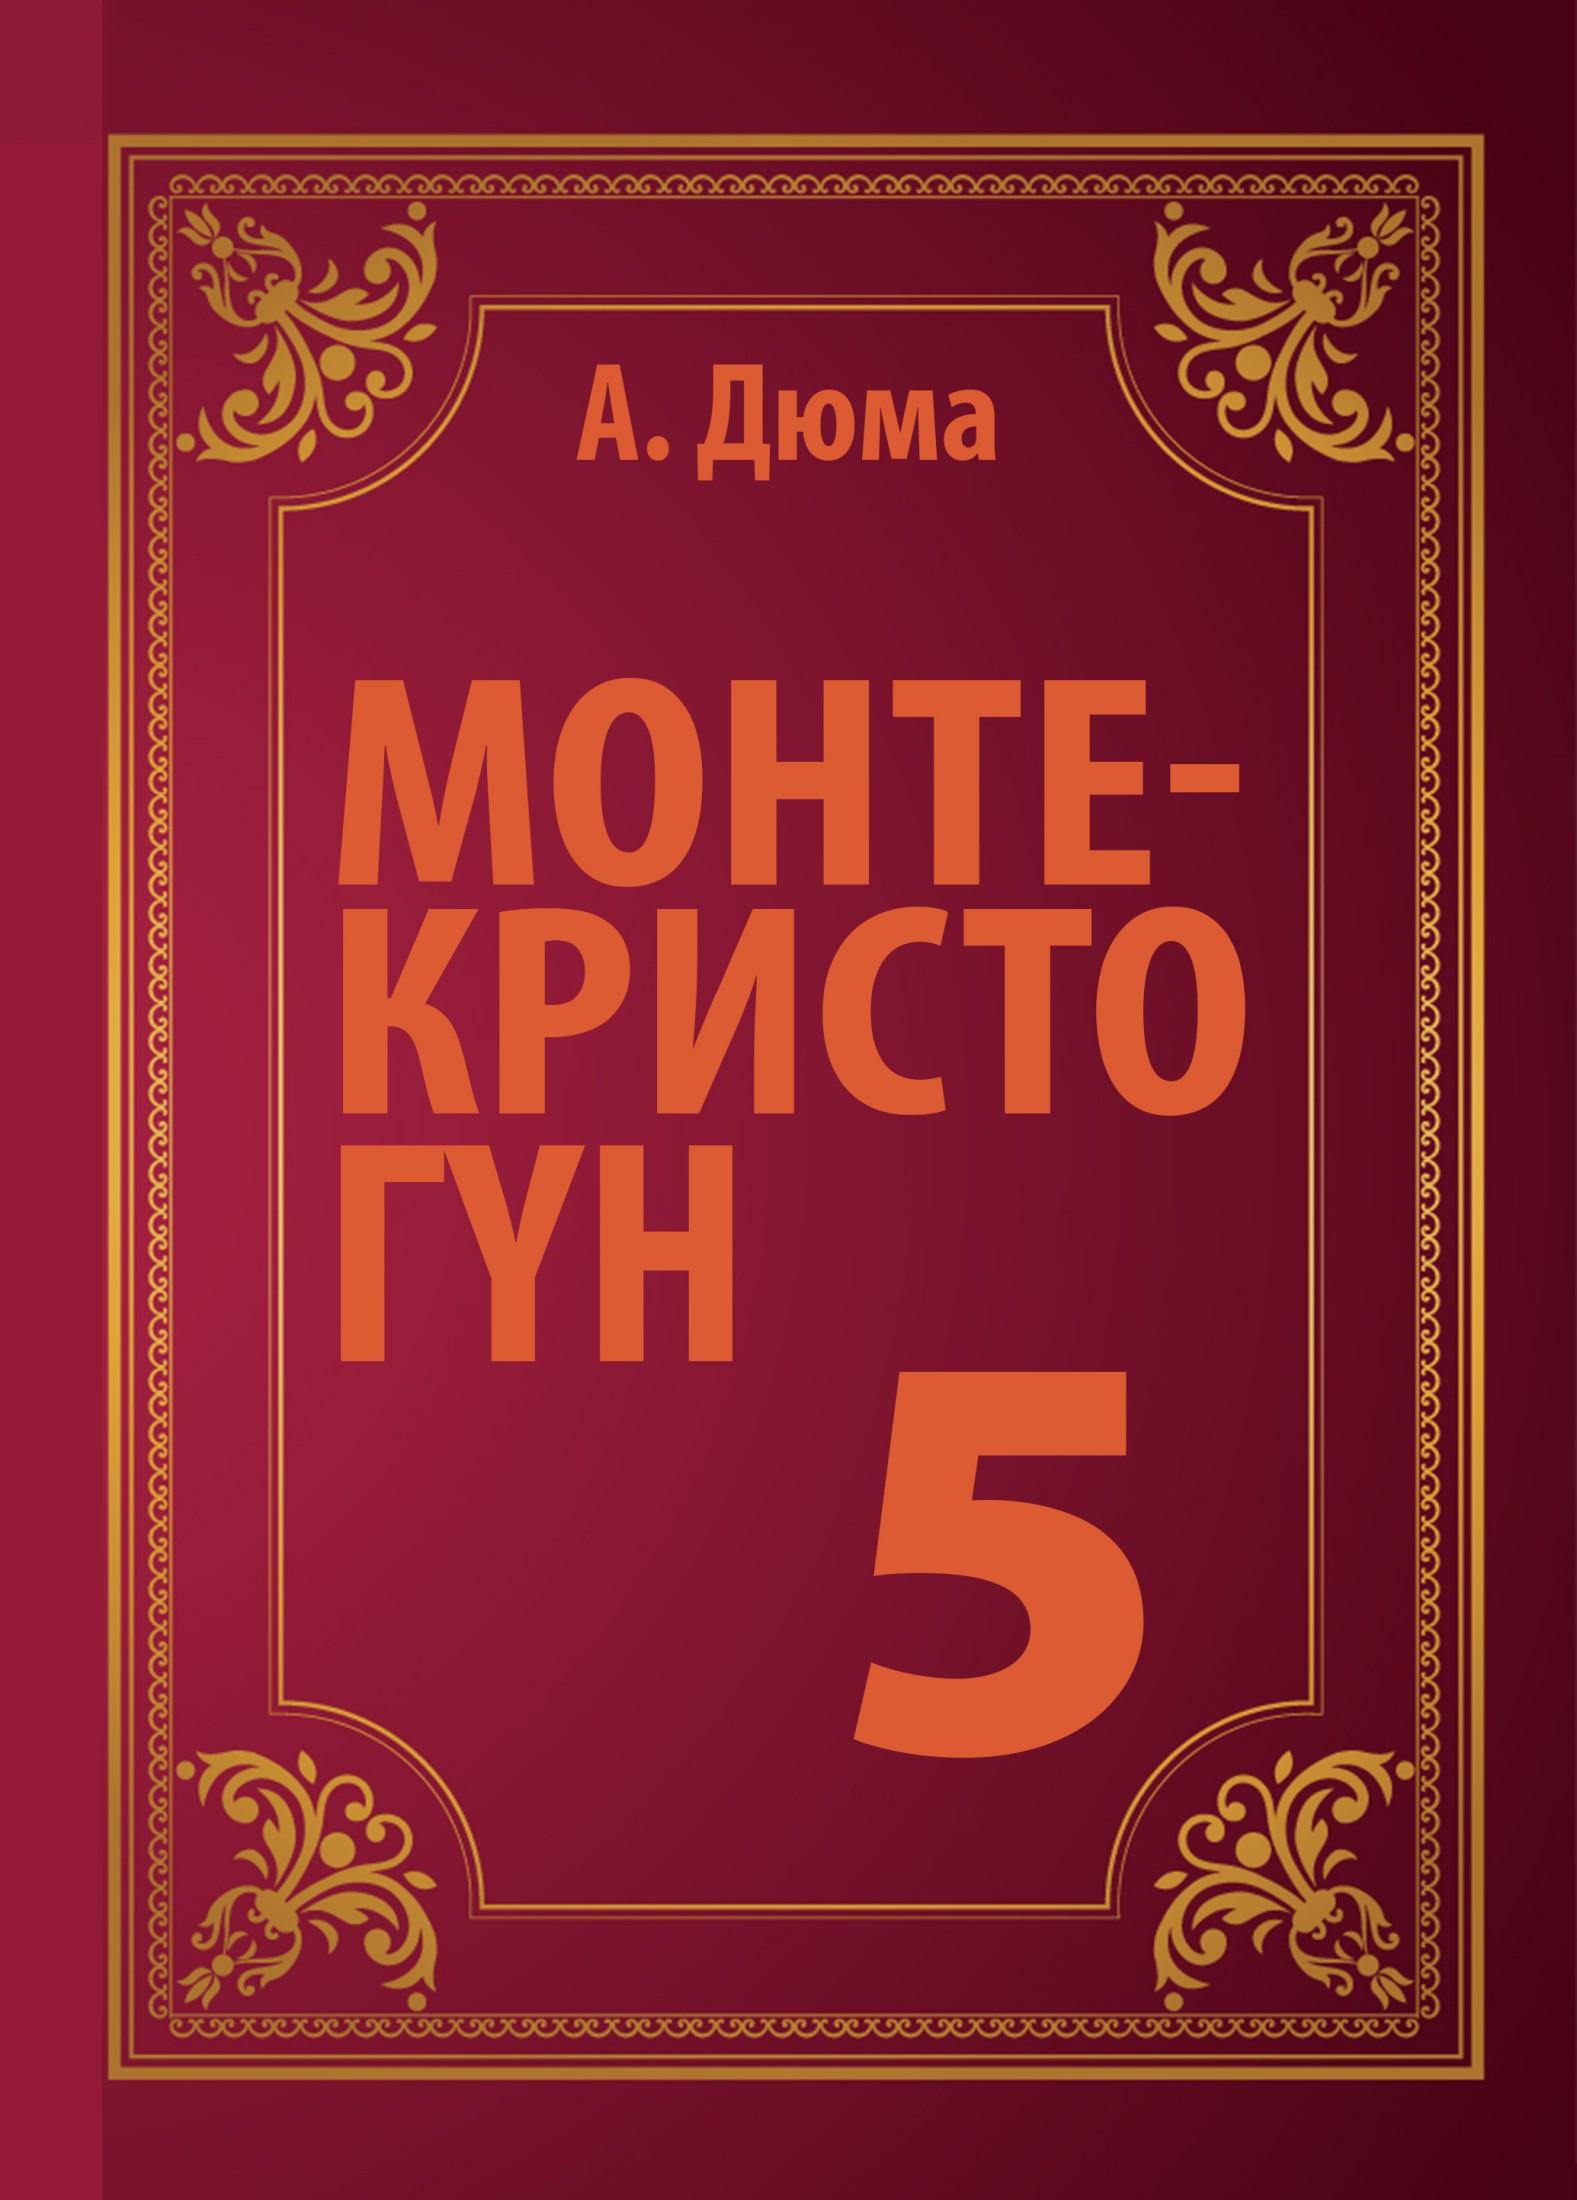 МОНТЕ-КРИСТО ГҮН 5